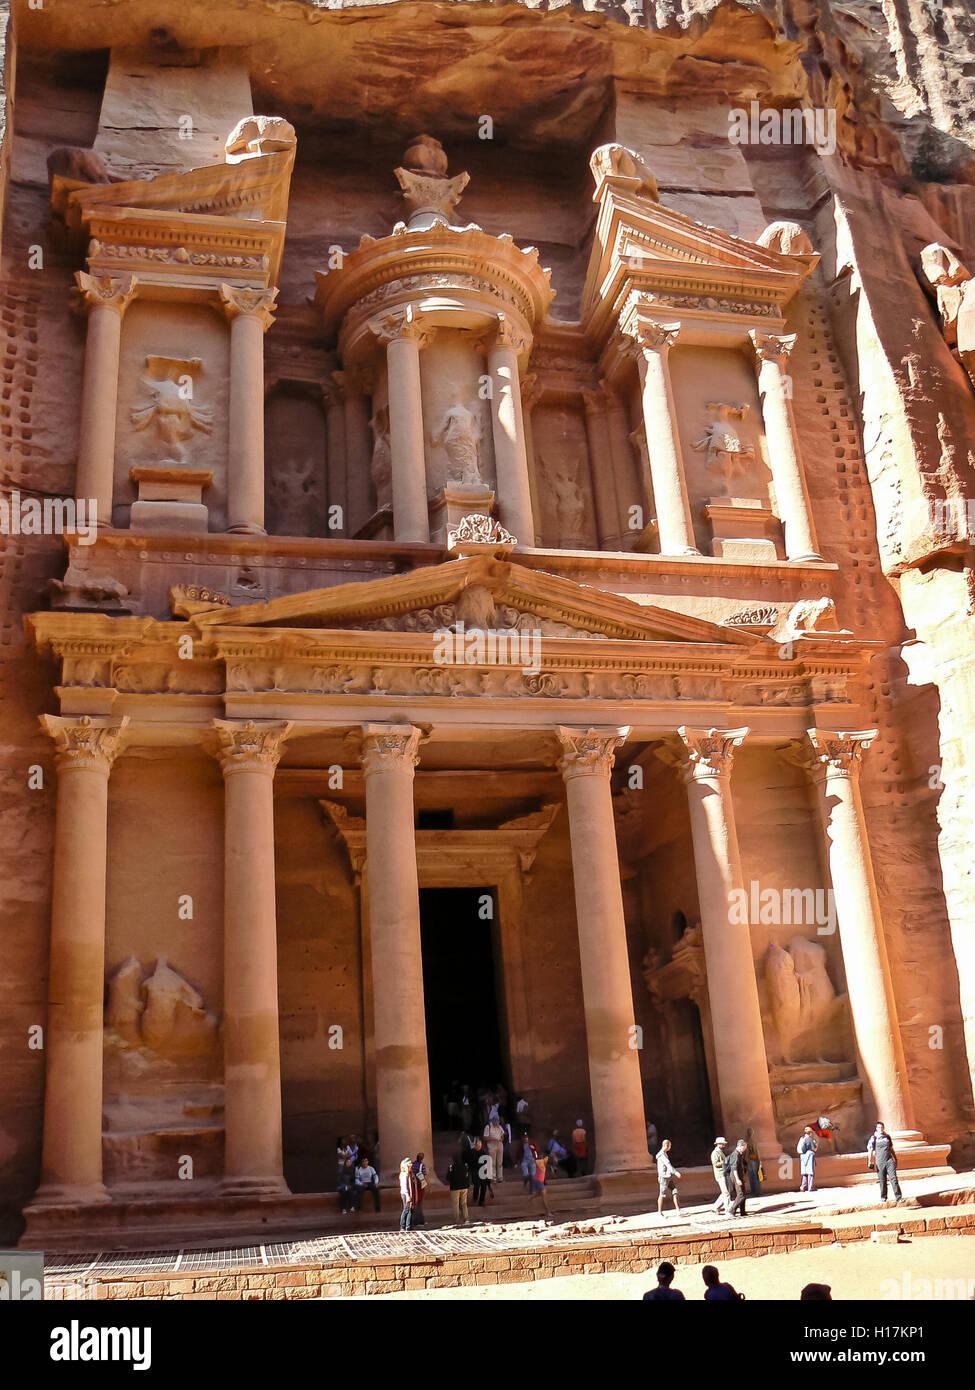 Al Khazneh, treasury at Petra, Jordan - Stock Image